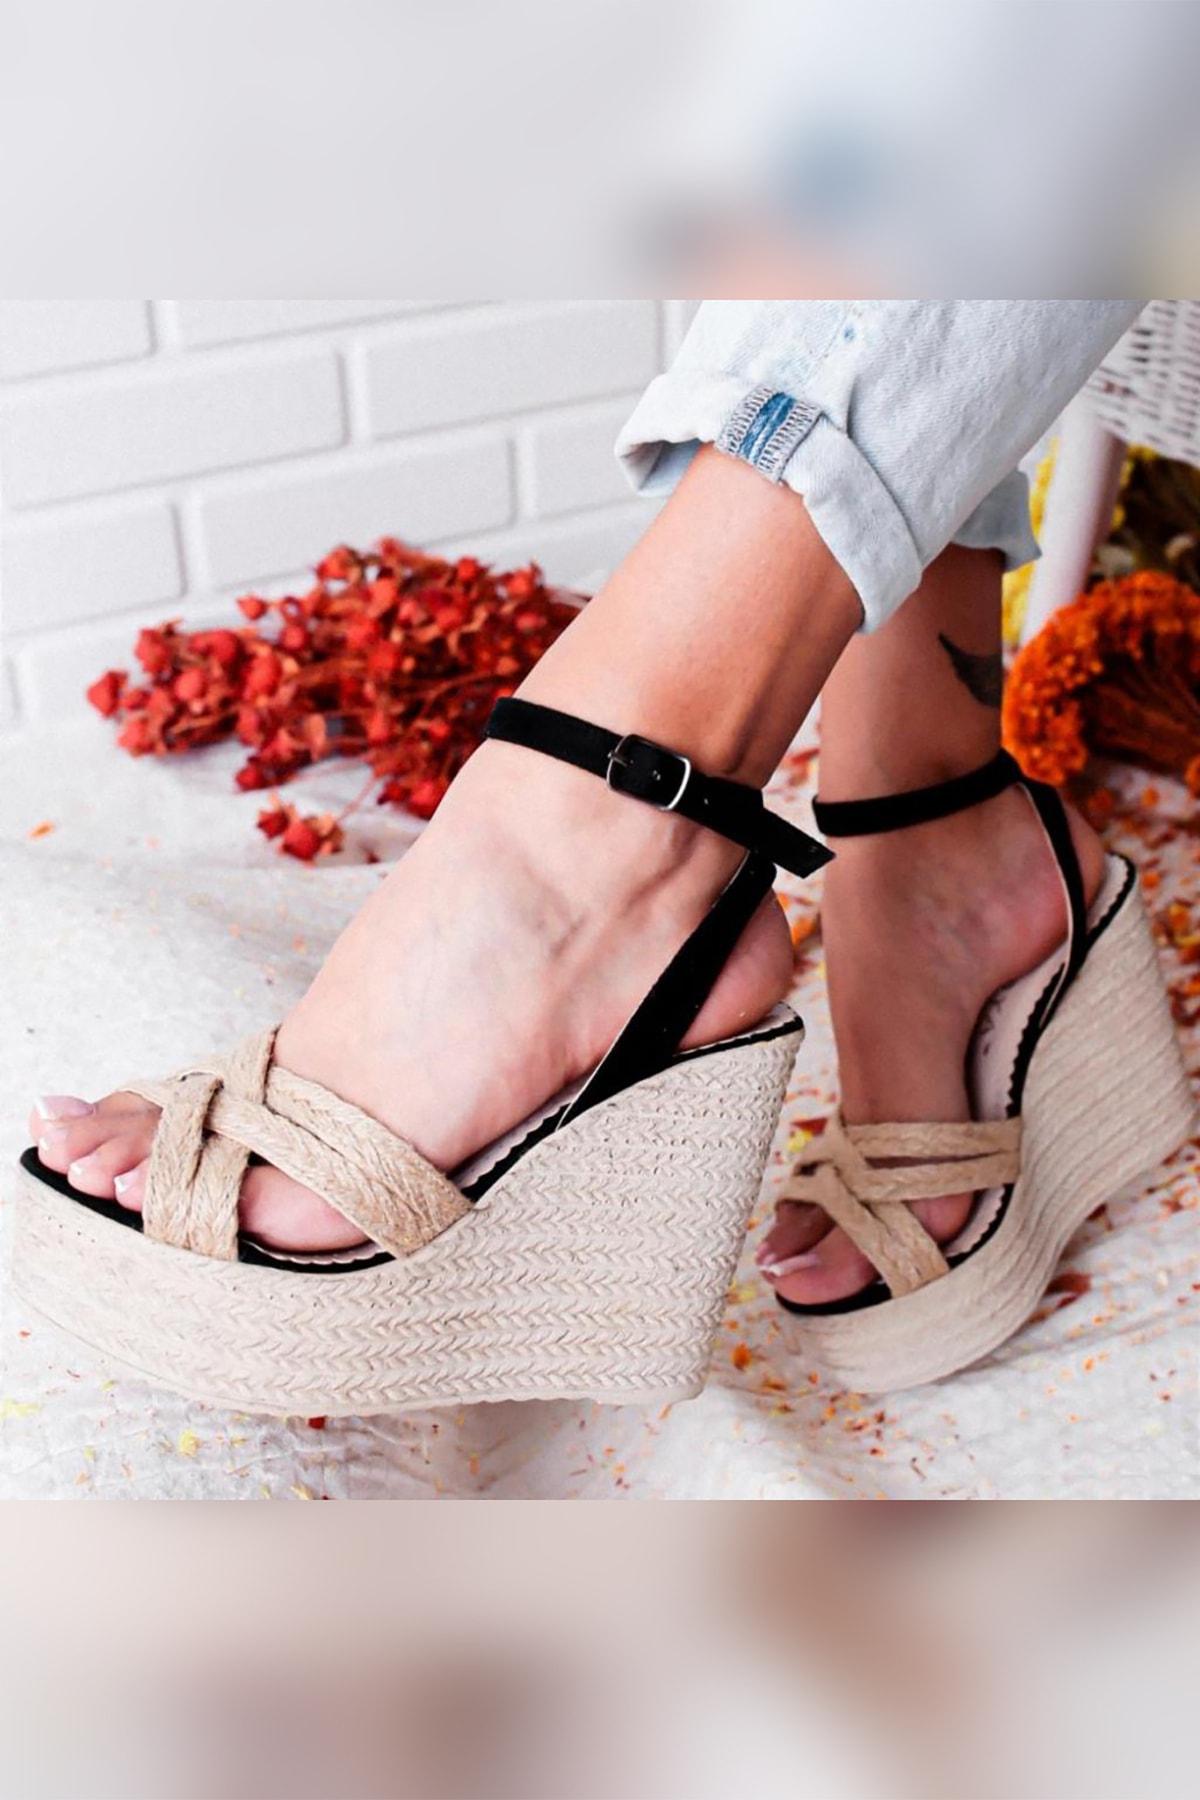 Limoya Camryn Siyah Keten / Hasır Yüksek Dolgu Topuklu Günlük Sandalet 1